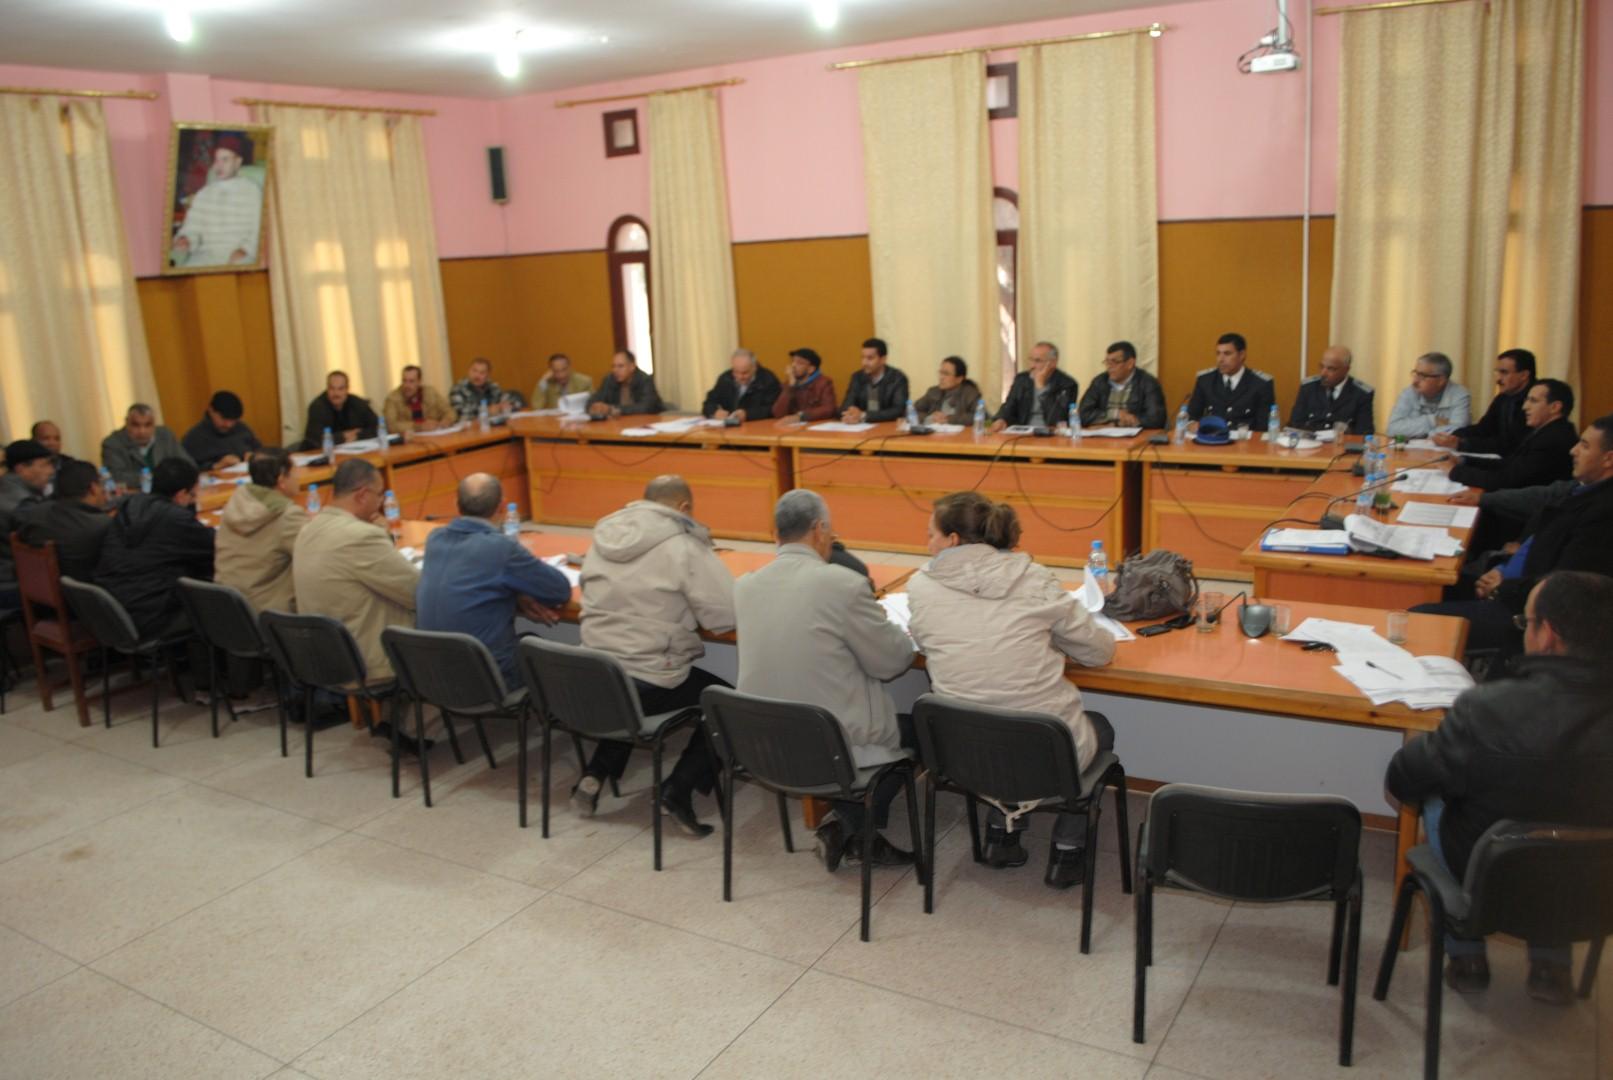 إجتماع لجنة الطوارئ بمدينة تيزنيت بعد النشرة الإنذارية ( رفقته أرقام اللجنة الدائمة للطوارئ )